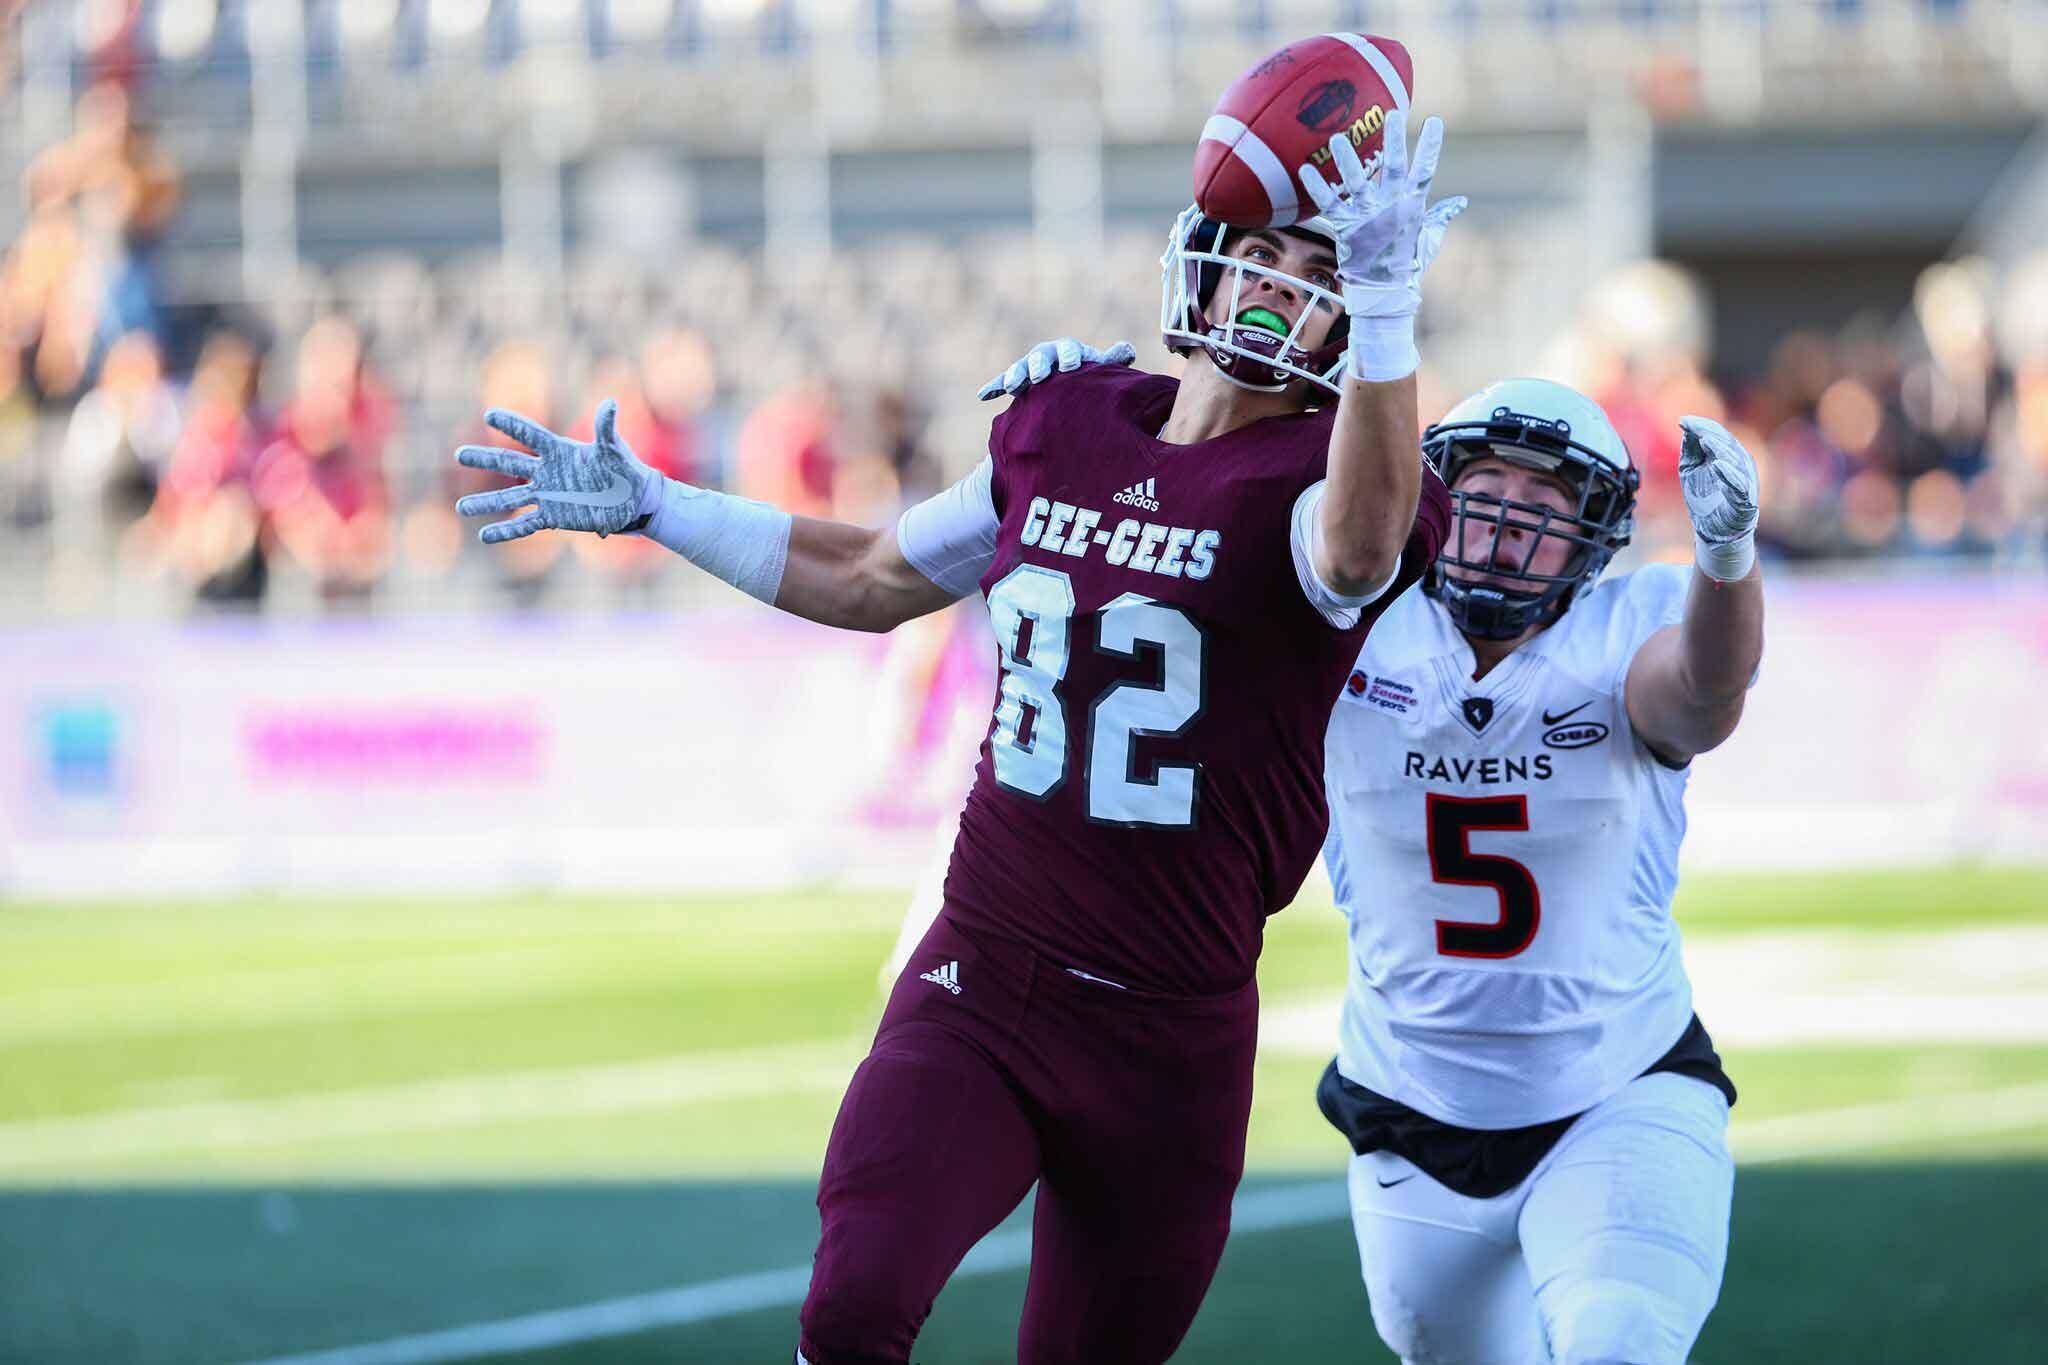 Un joueur de football de l'Université d'Ottawa attrape le ballon d'une seule main.